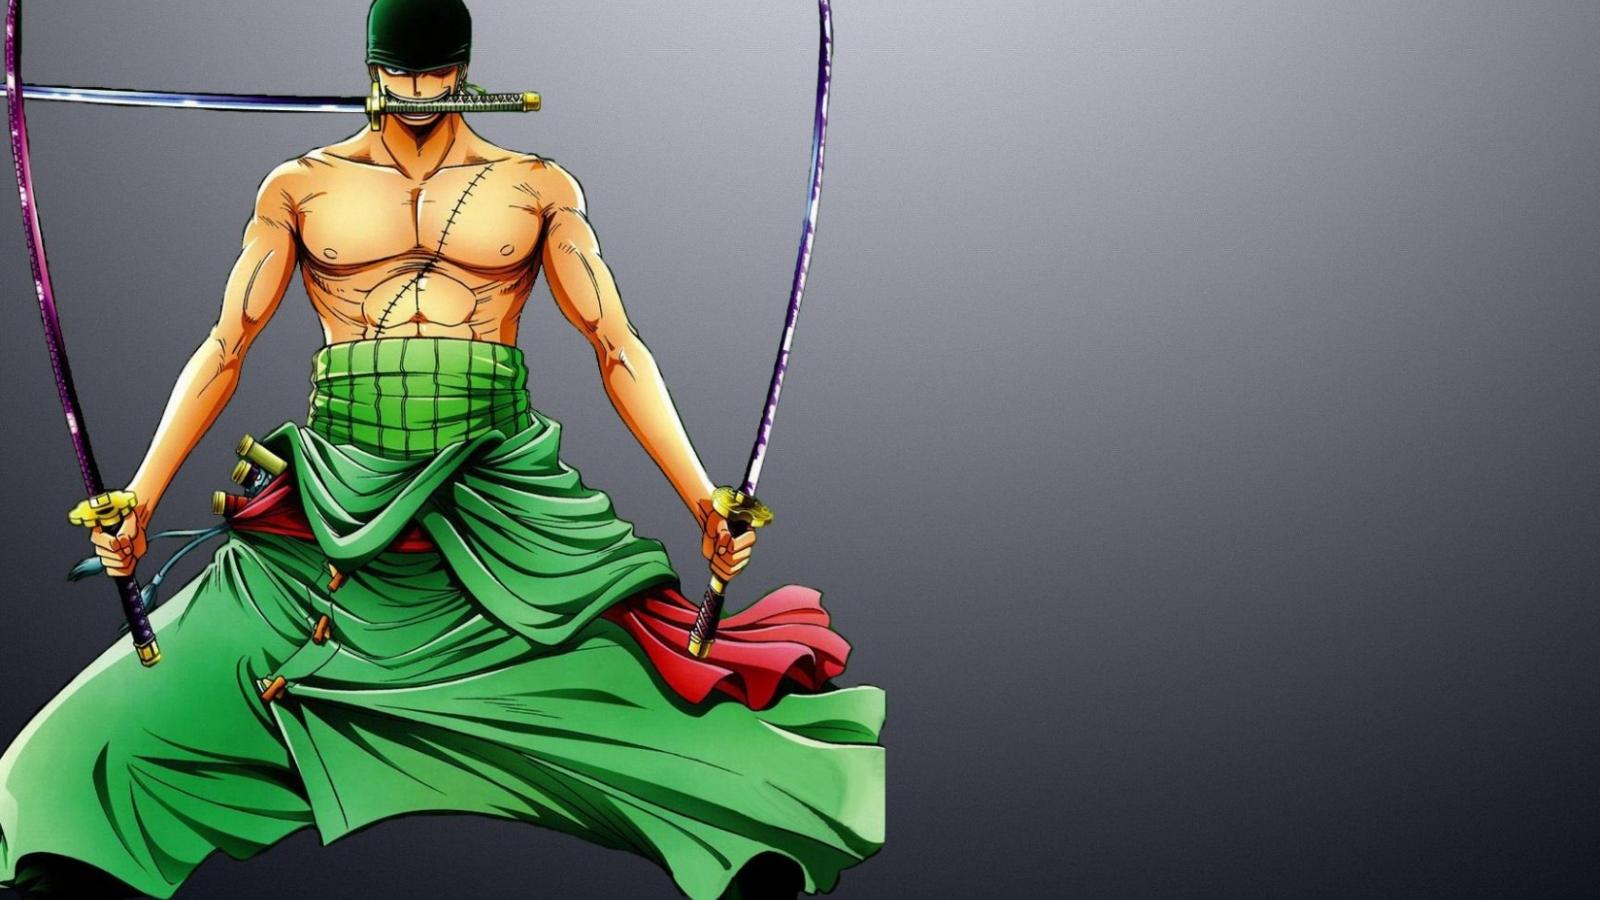 Roronoa Zoro With Swords One Piece Hd Desktop Wallpaper 1600x900 Download Hd Wallpaper Wallpapertip